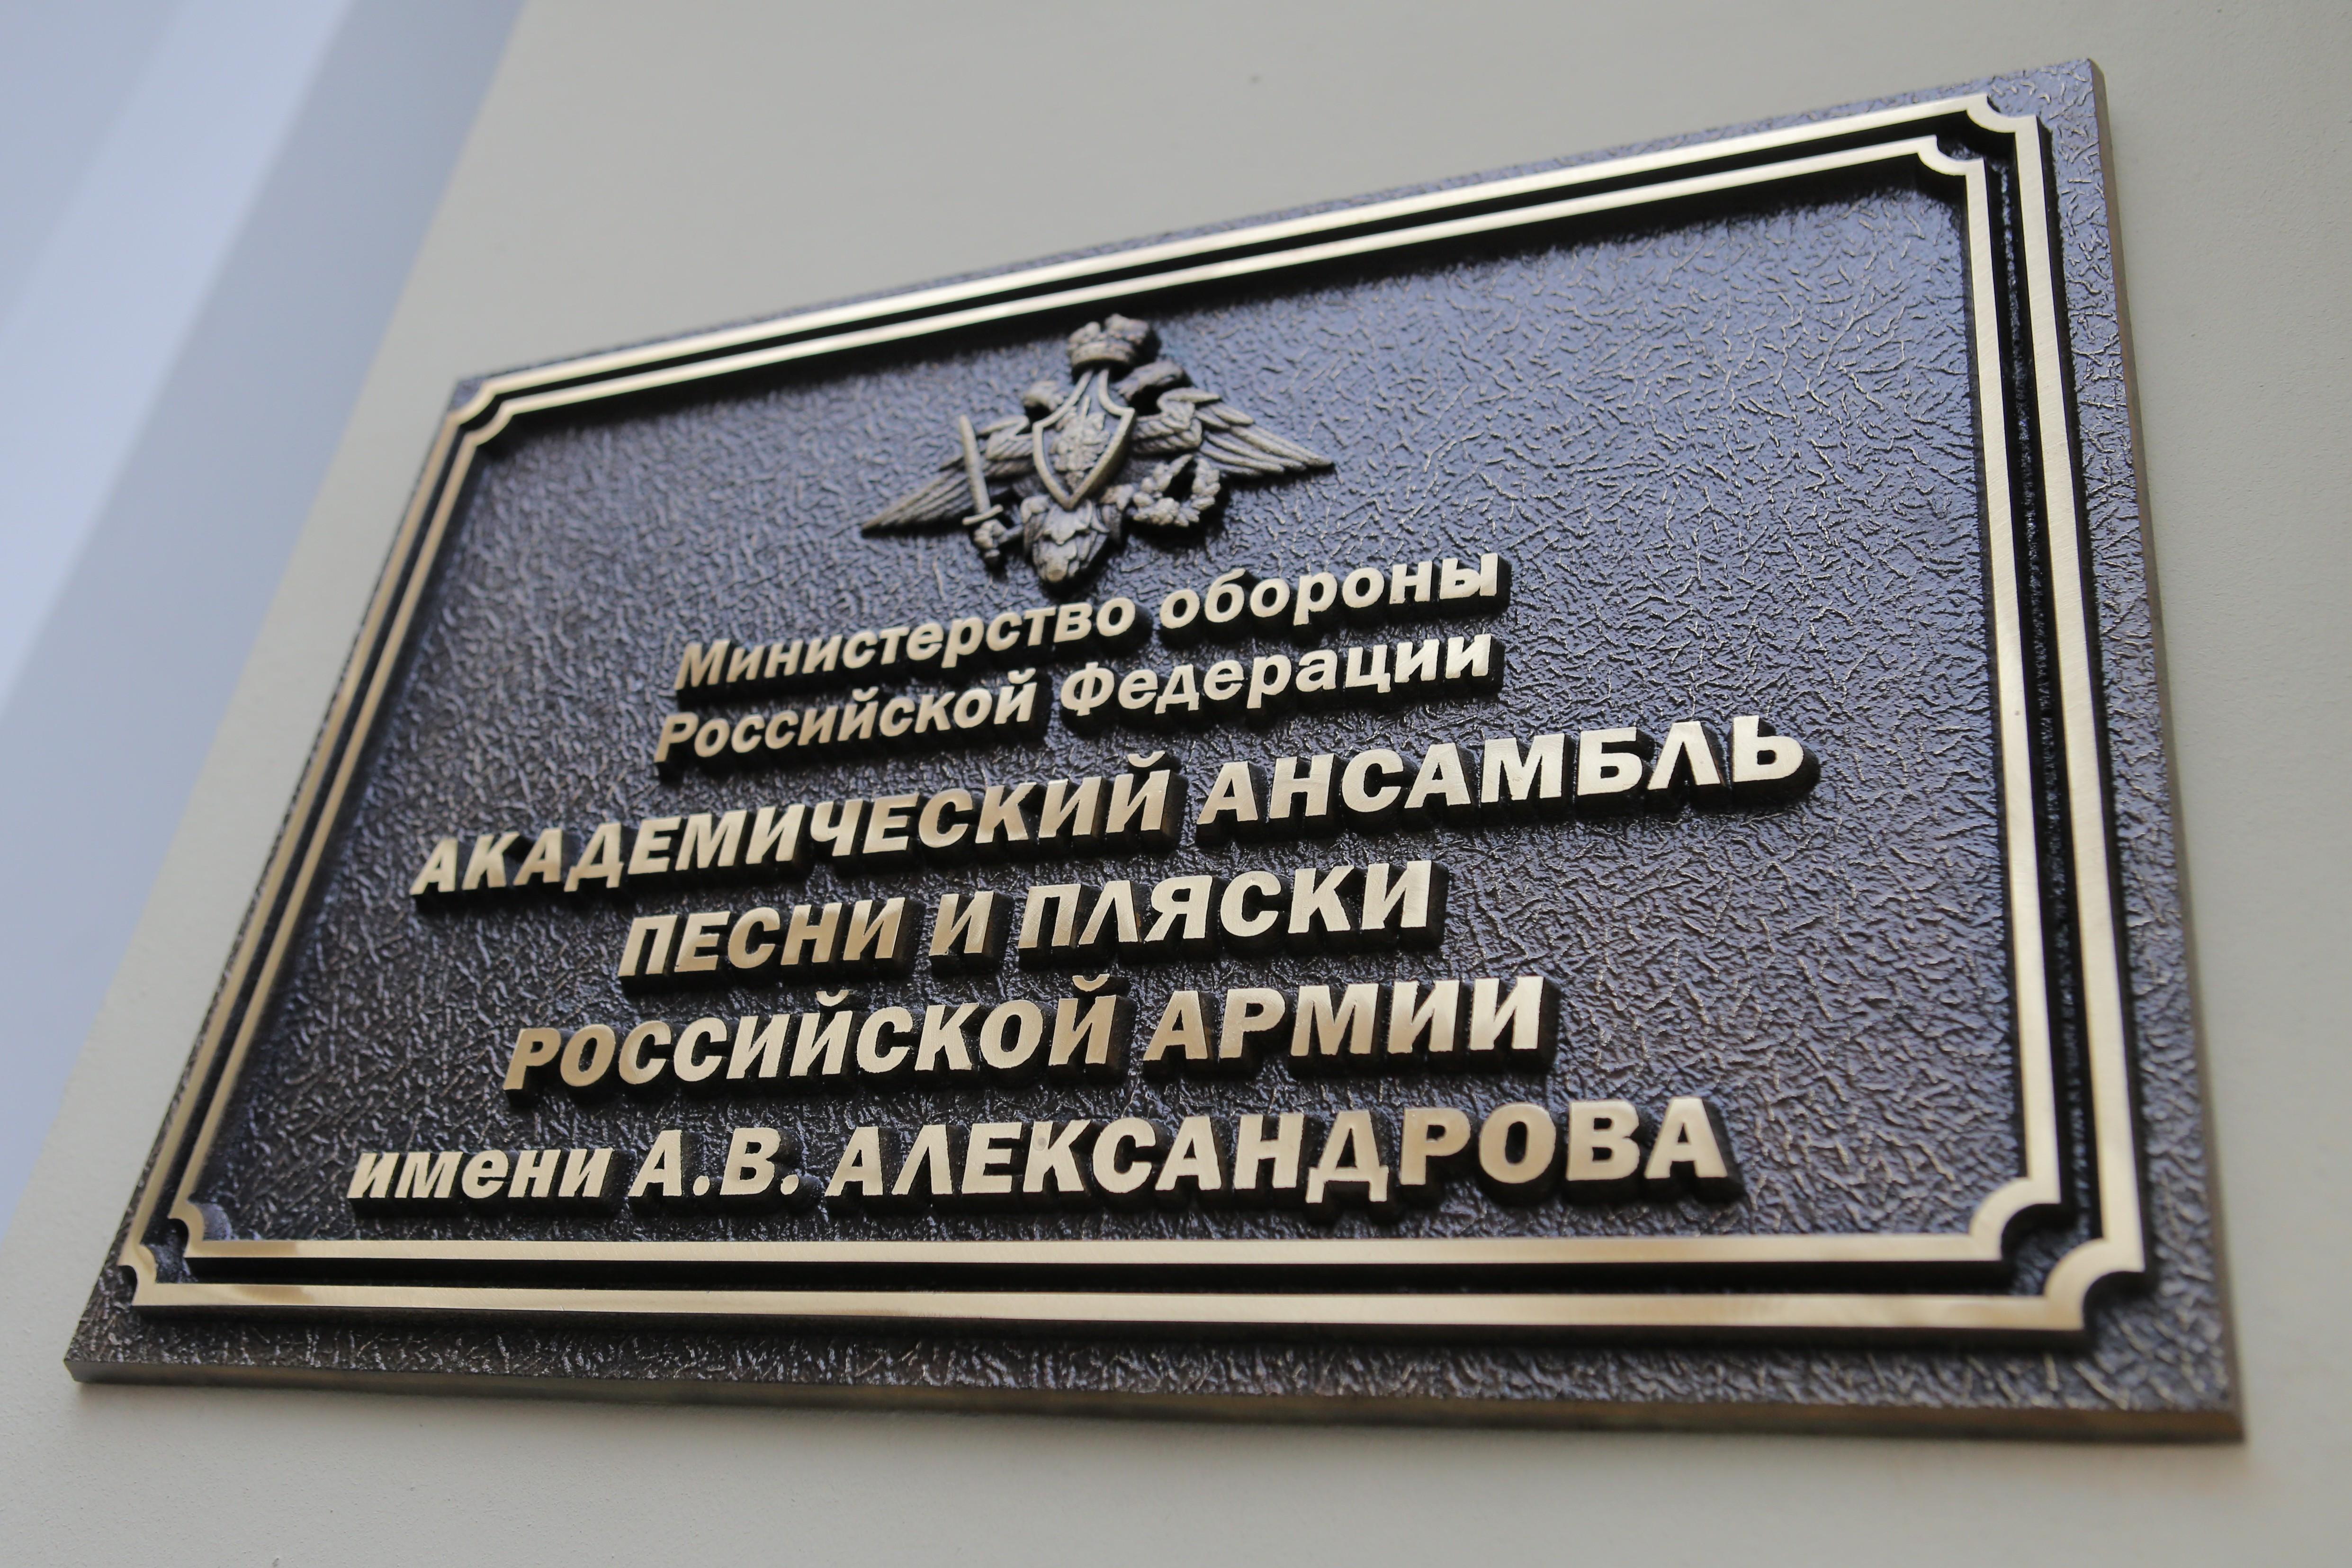 <p><span>Фото: &copy; РИА Новости/Виталий Белоусов</span></p>